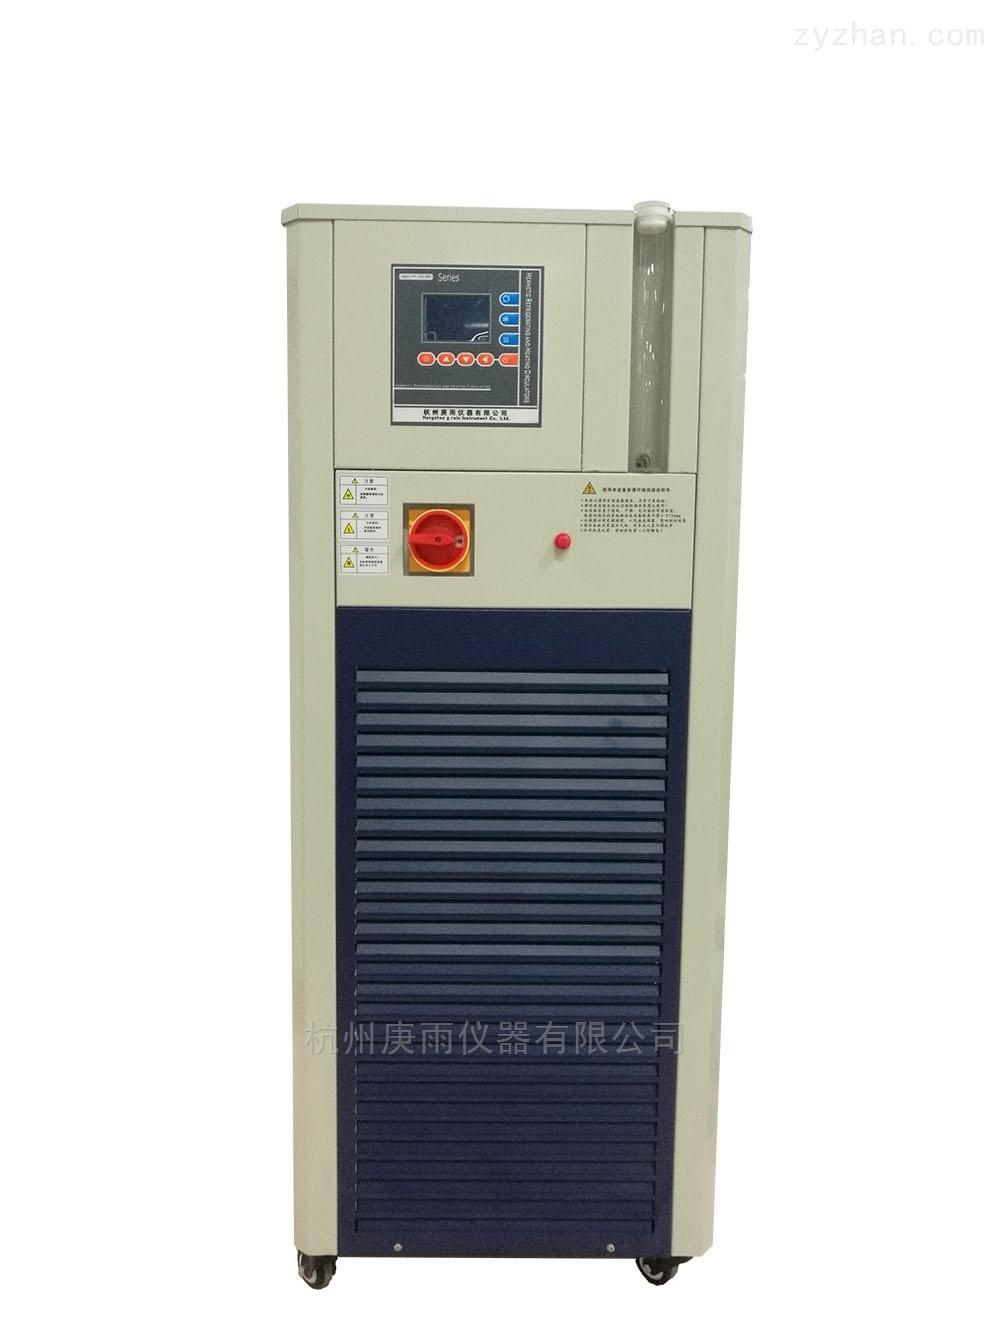 -80~200℃ 高低温循环装置生产厂家